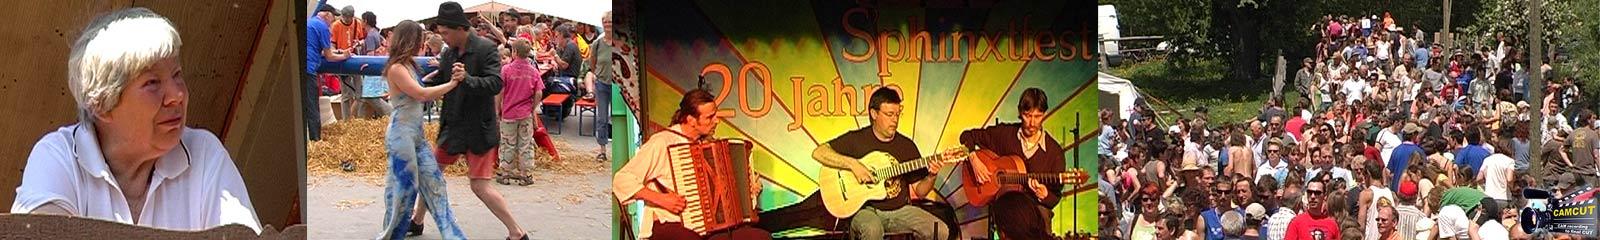 Header-2008